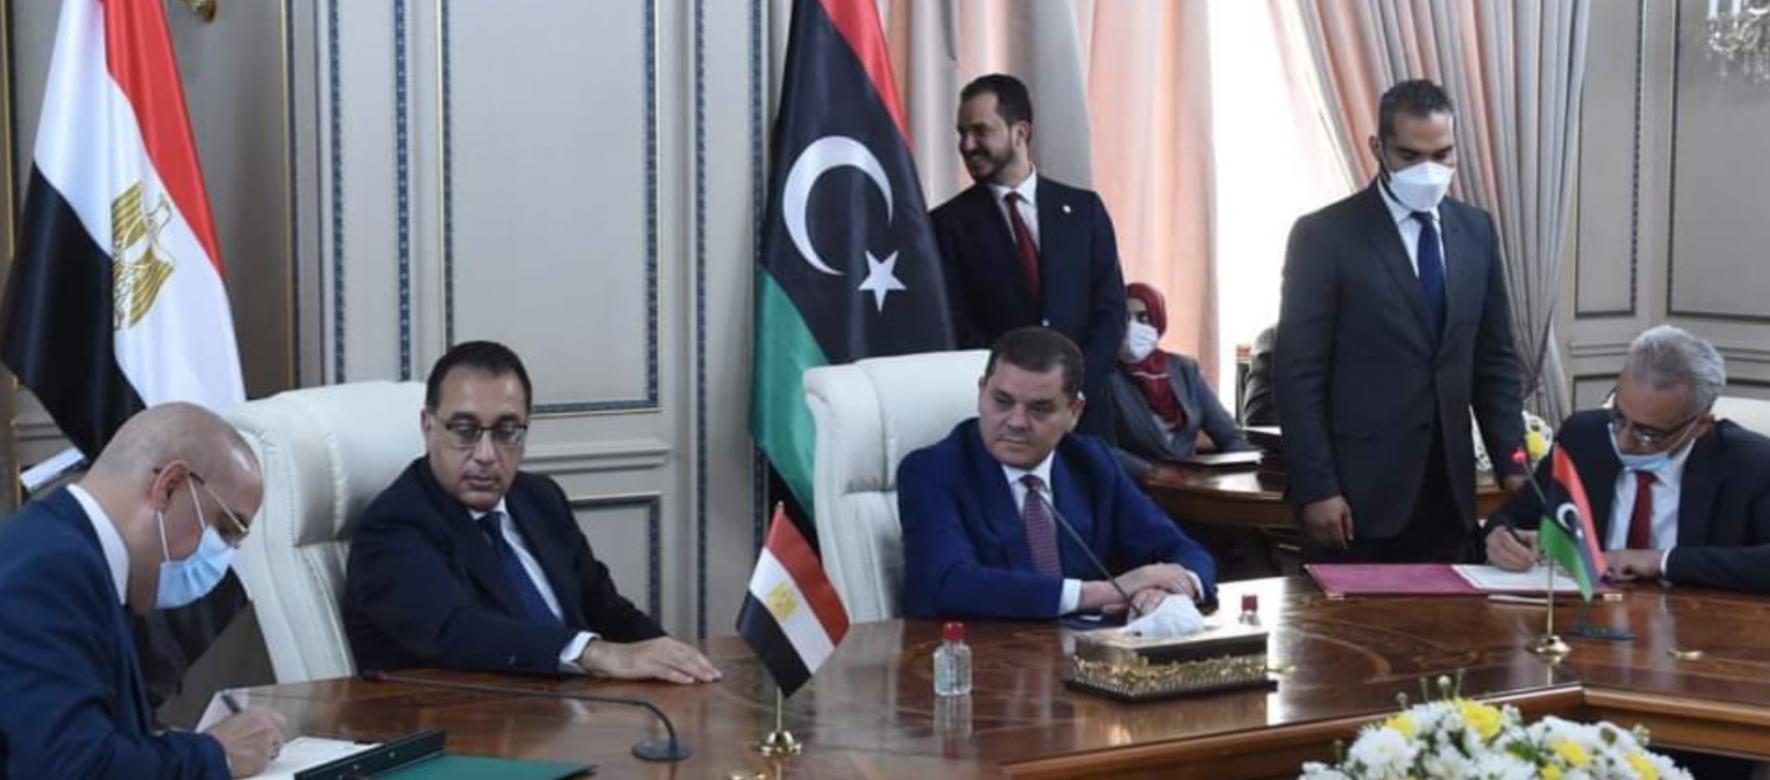 L'Egypte et la Libye ont signé 11 protocoles d'accord pour renforcer leur coopération bilatérale